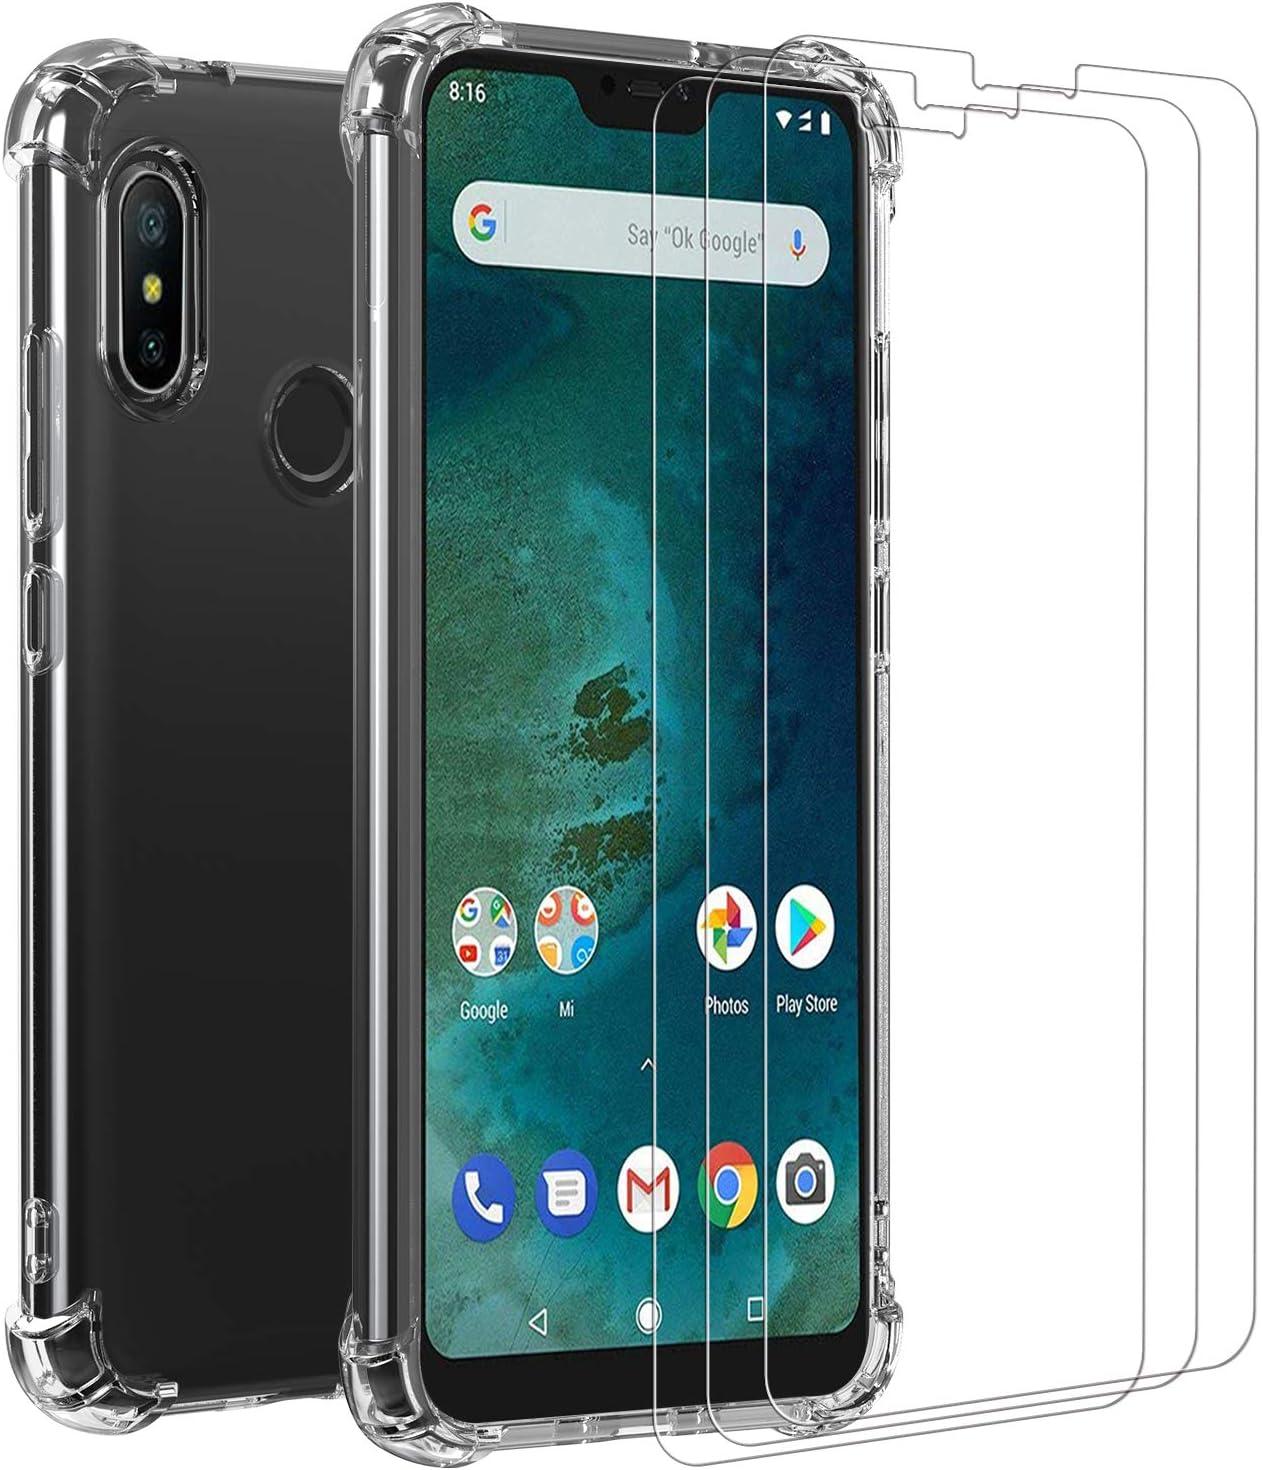 ivoler Funda para Xiaomi Mi A2 Lite + [3 Unidades] Cristal Vidrio Templado Protector de Pantalla, Ultra Fina Silicona Transparente TPU Carcasa Protector Airbag Anti-Choque Anti-arañazos Caso